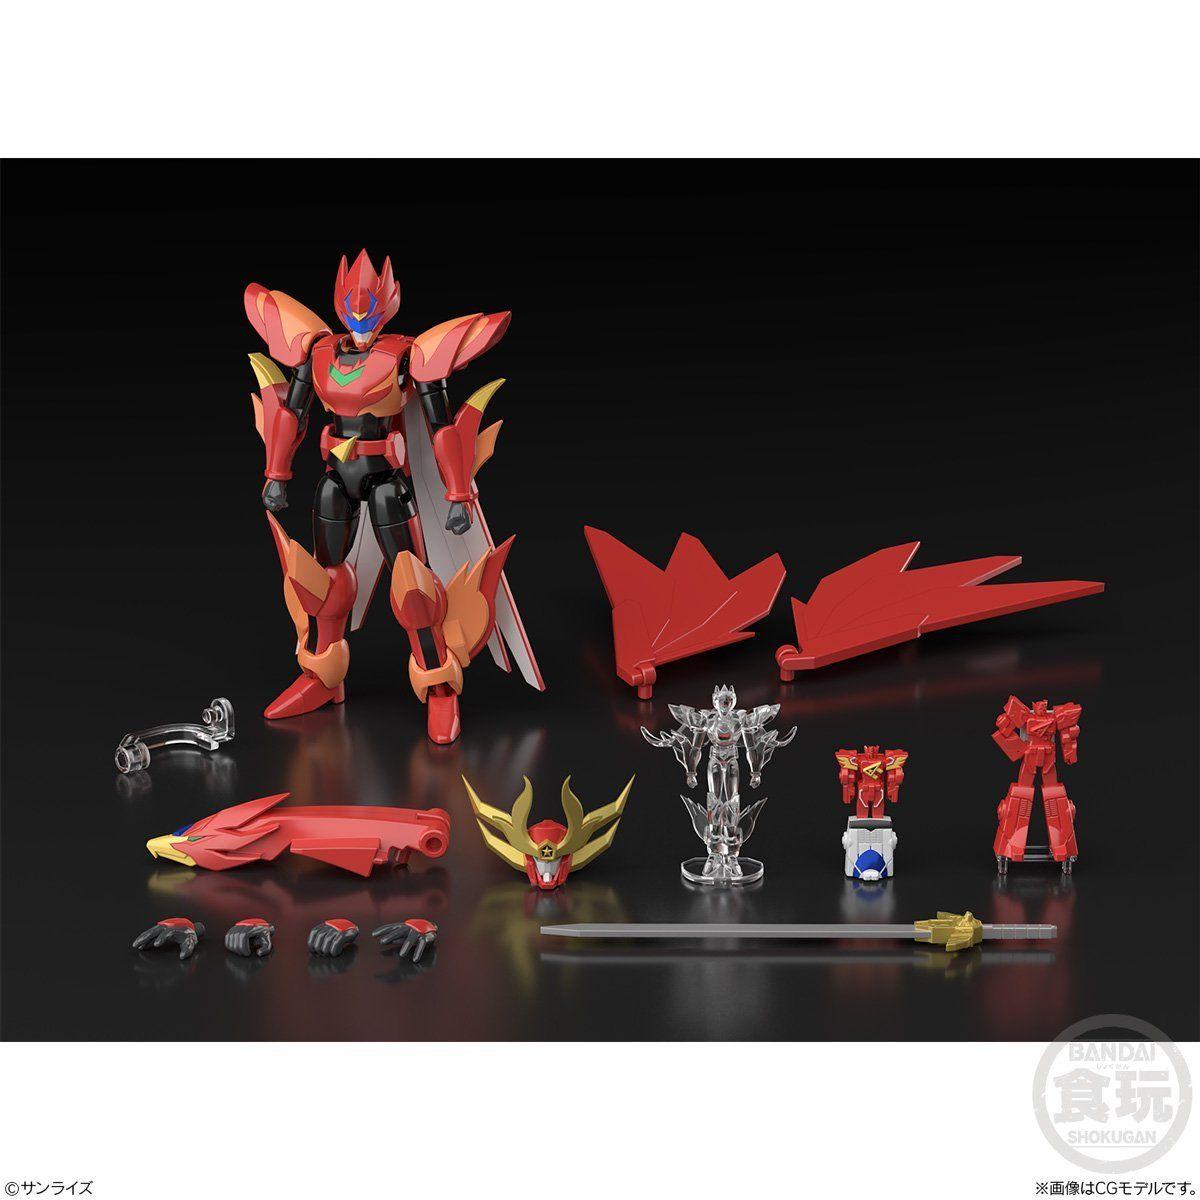 【食玩】スーパーミニプラ『勇者指令ダグオン2』勇者指令ダグオン 3個入りBOX-008